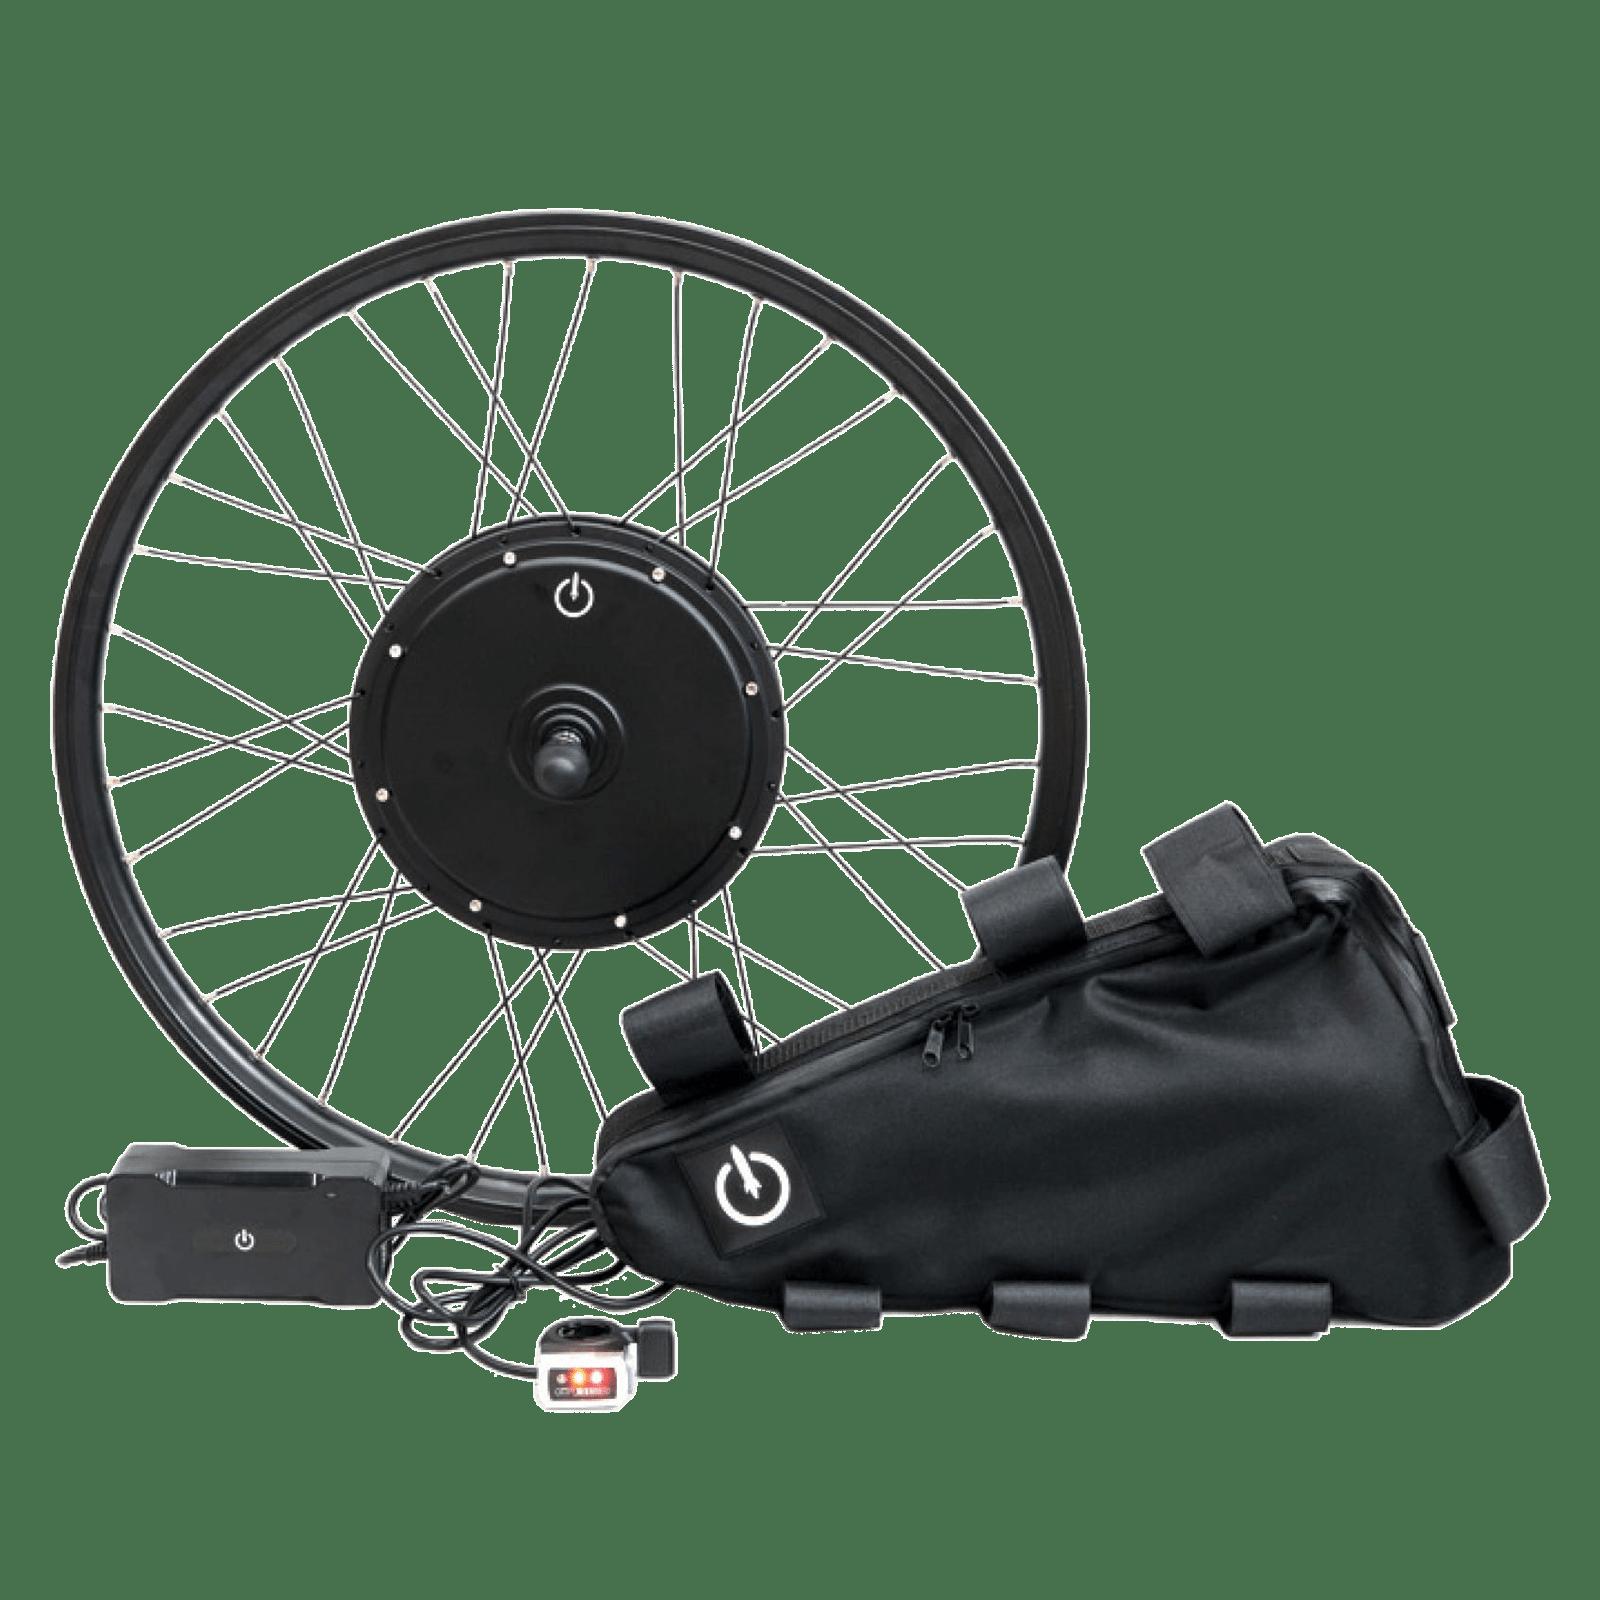 Електронабір для велосипеда 48В 500Вт з літій-іонним акумулятором Boston Swing 15,9Ah